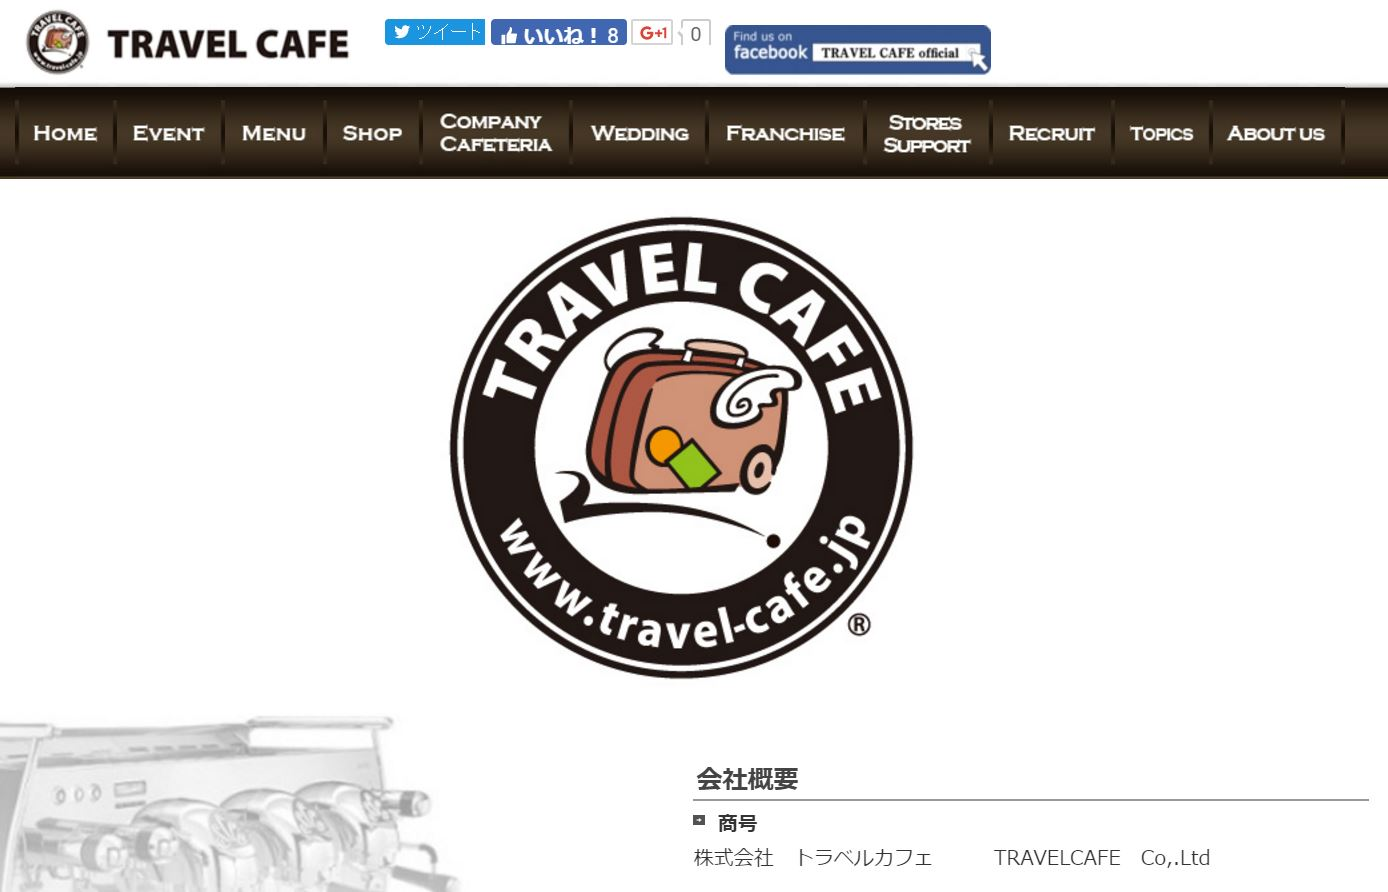 トラベルカフェが破産申請へ、負債総額は約11億円 -東京商工リサーチ